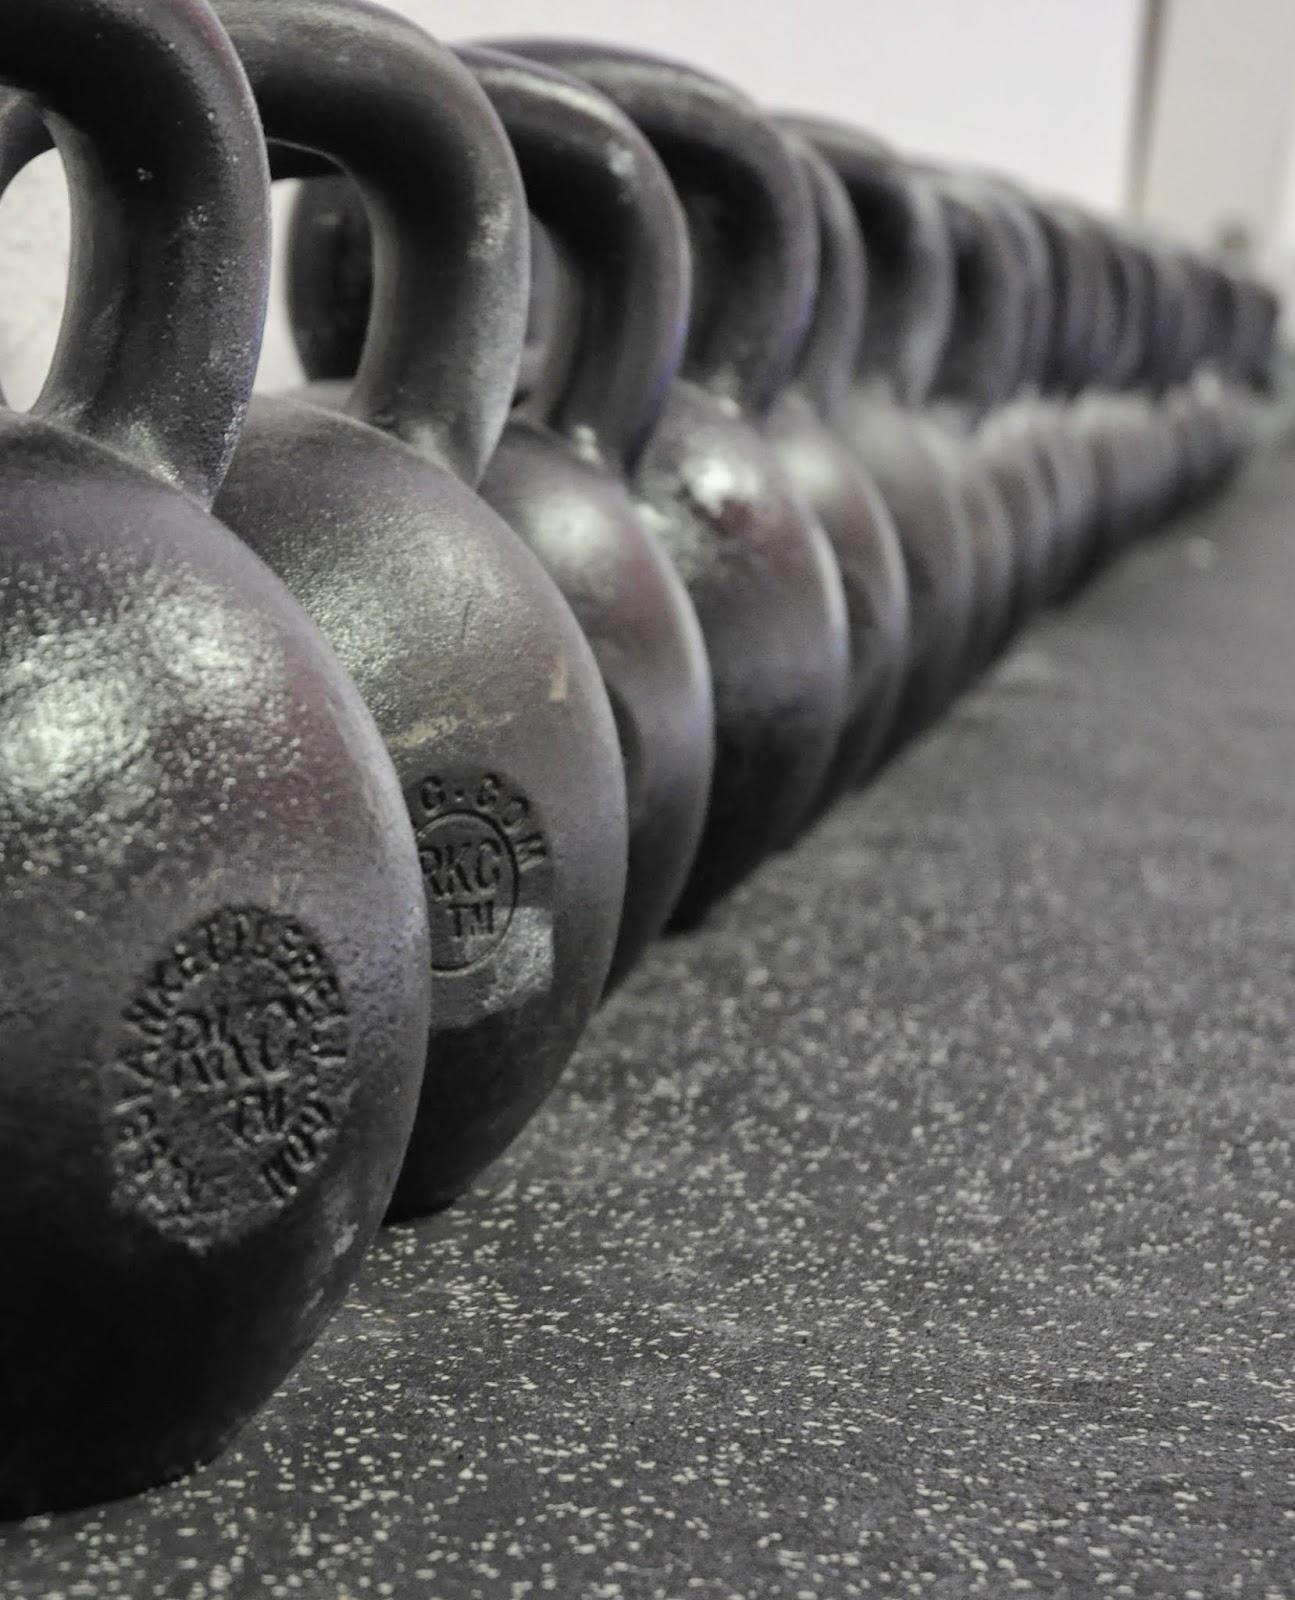 kettlebell fitness athletics wie schwer sollte die allererste kettlebell sein. Black Bedroom Furniture Sets. Home Design Ideas